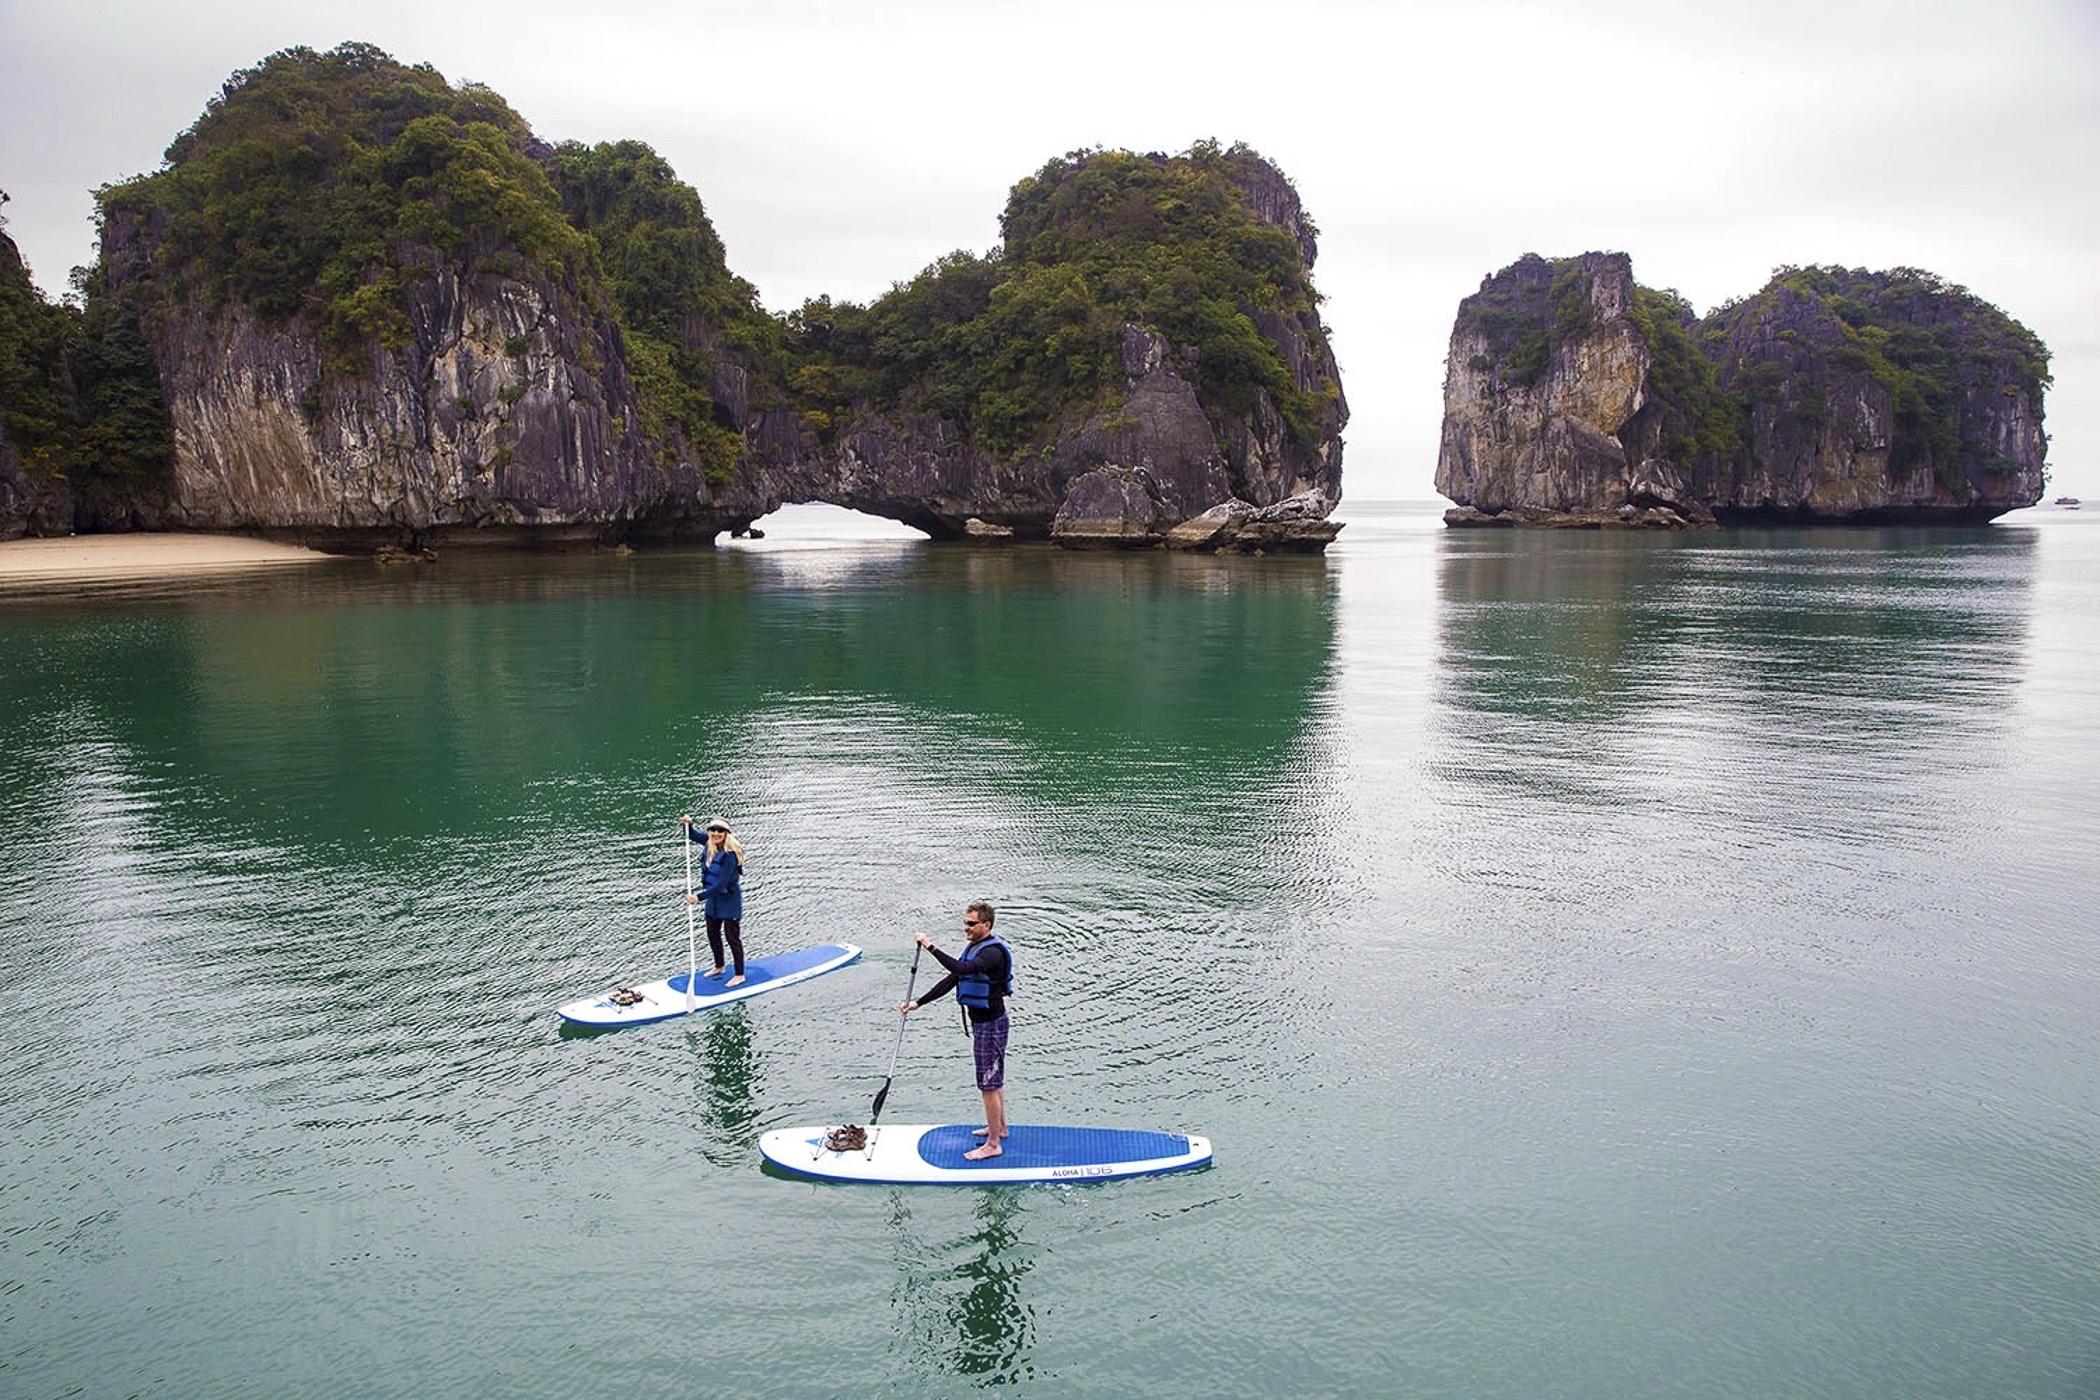 Vietnam_Images-007